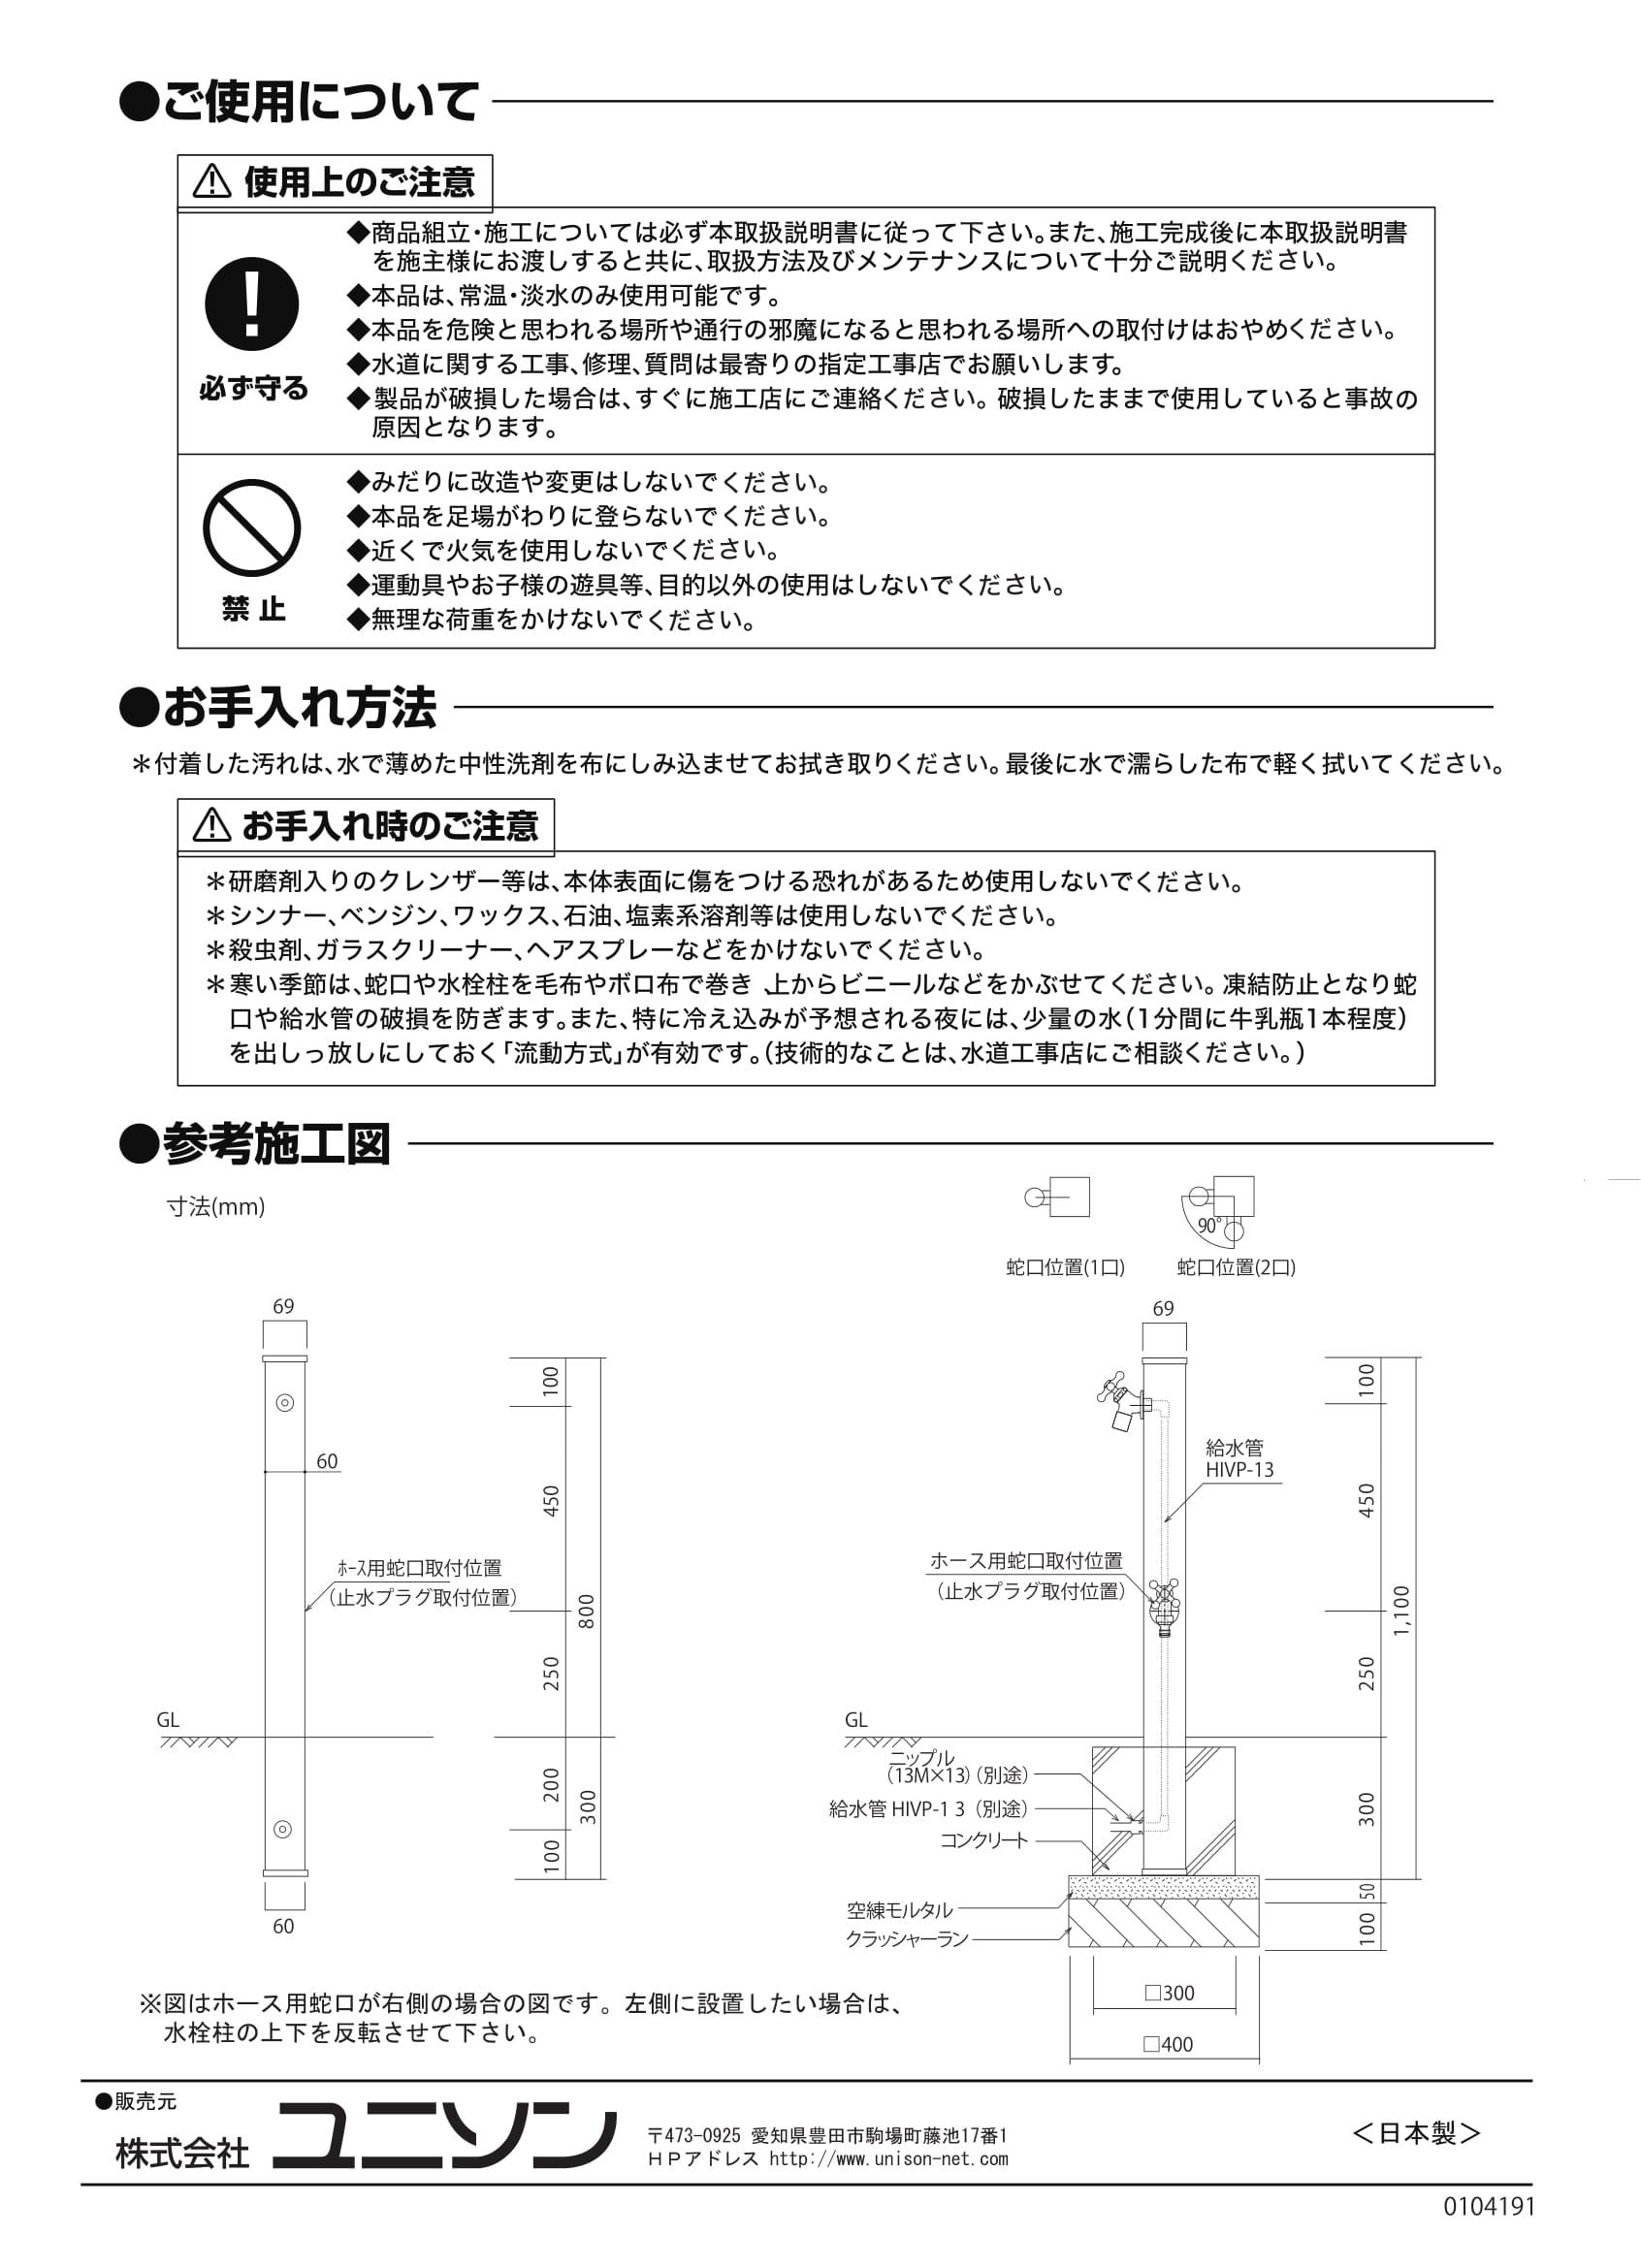 スプレスタンド60ライト_取扱説明書-2